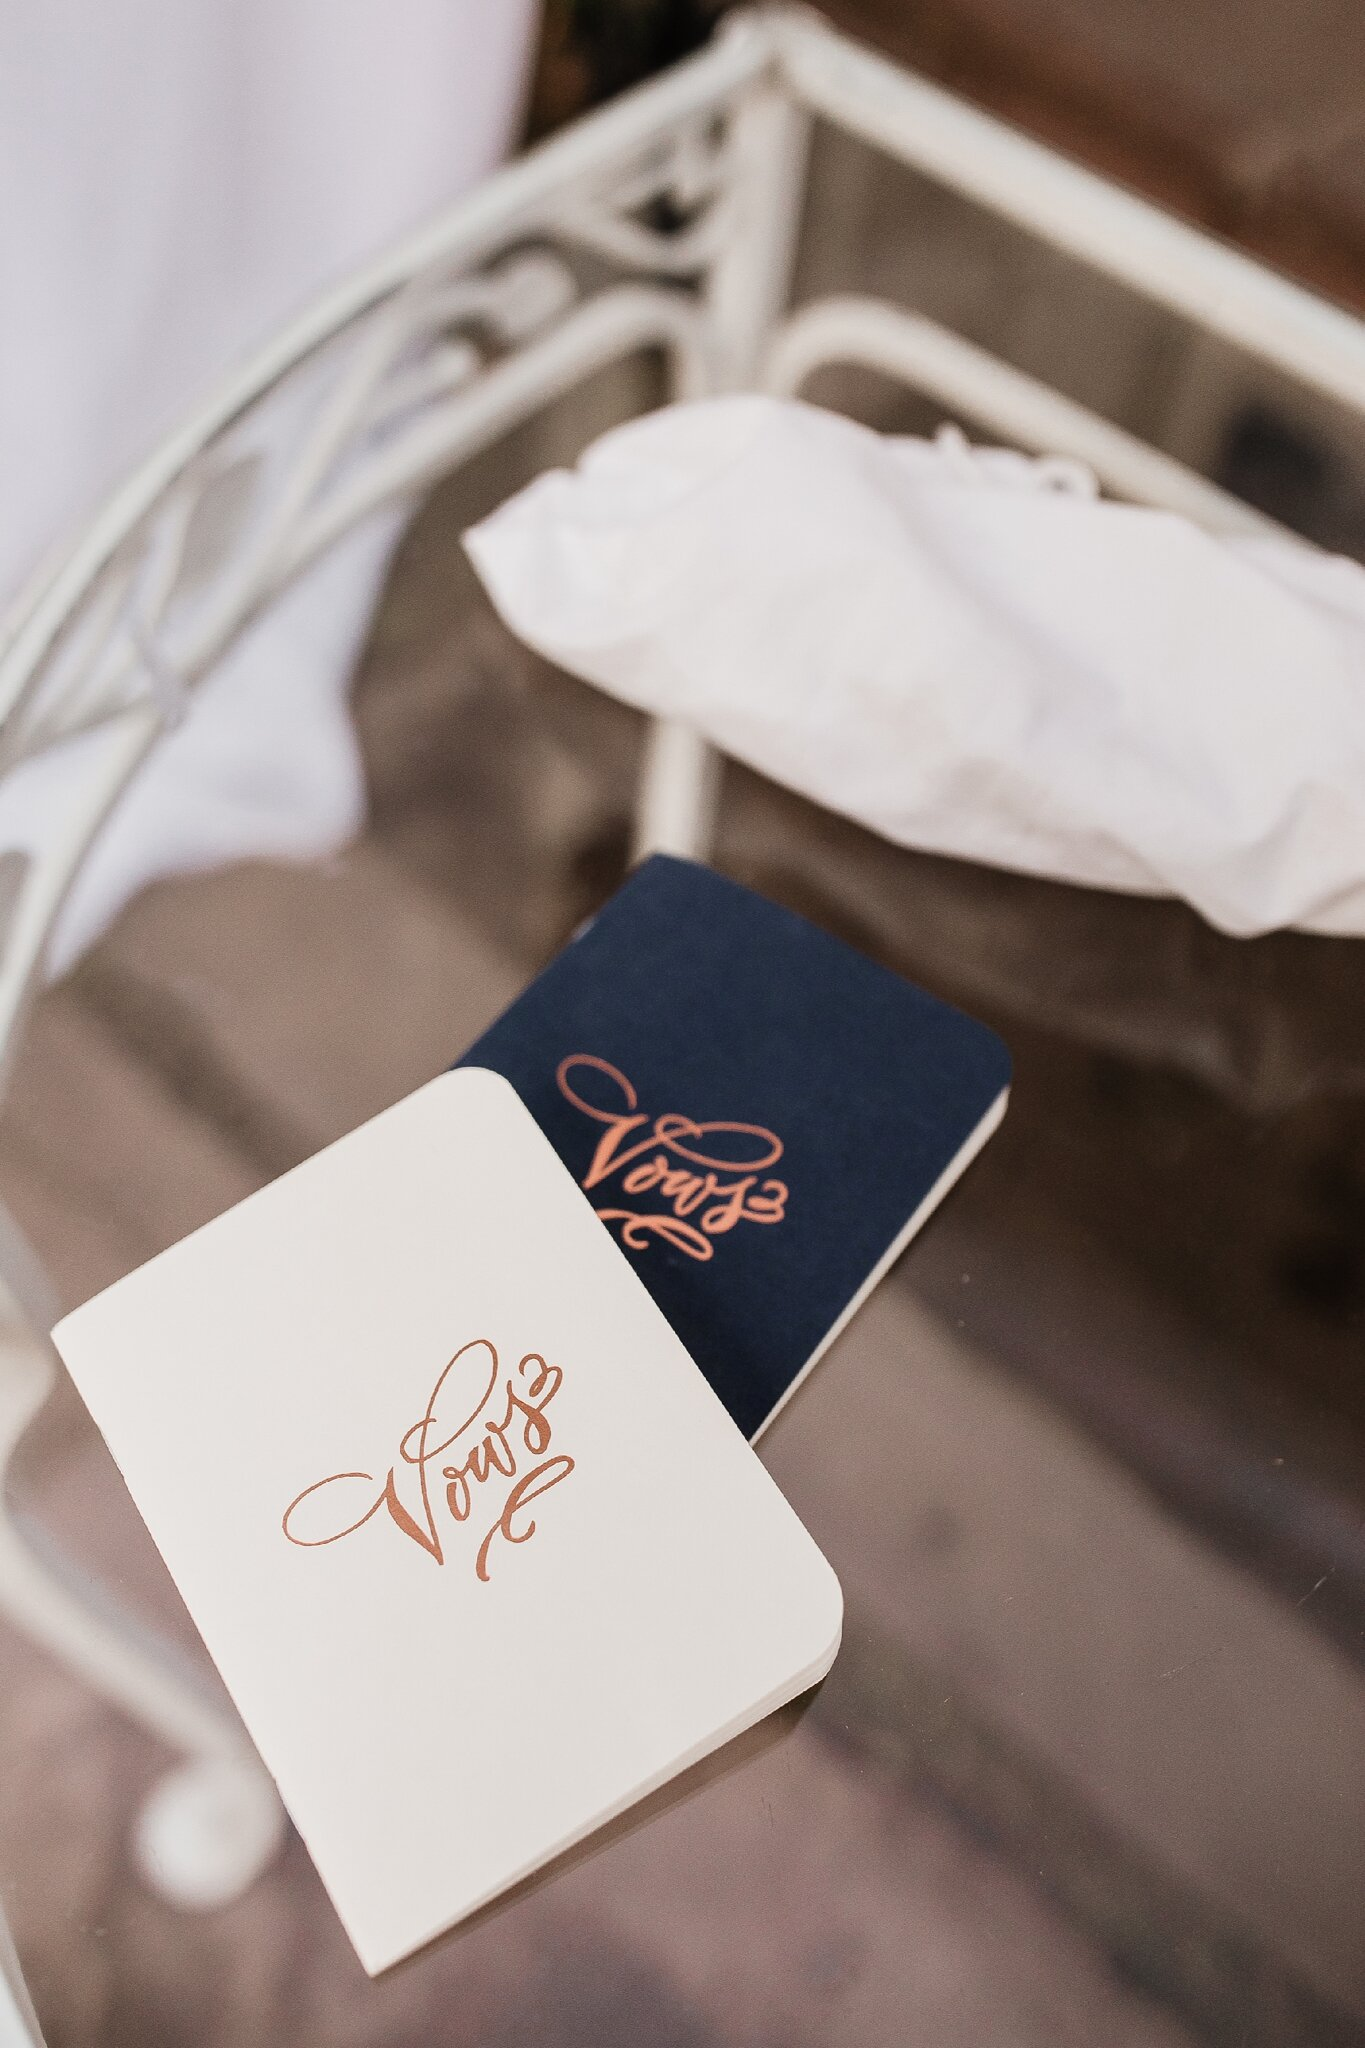 Alicia+lucia+photography+-+albuquerque+wedding+photographer+-+santa+fe+wedding+photography+-+new+mexico+wedding+photographer+-+new+mexico+wedding+-+wedding+-+albuquerque+wedding+-+los+poblanos+-+los+poblanos+wedding+-+fall+wedding_0046.jpg